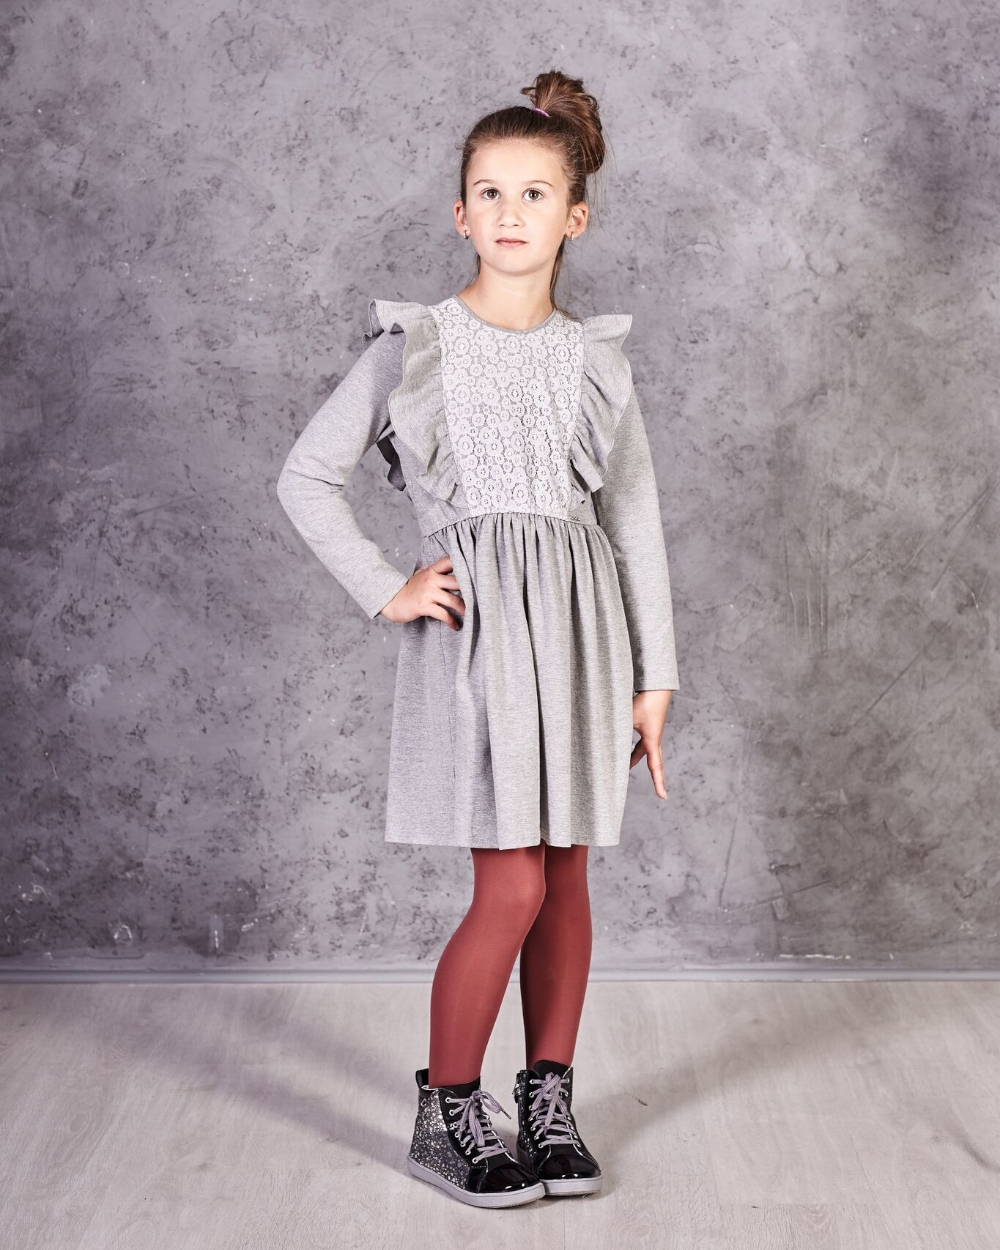 a18f9db36cdee8 Sukienka z długim rękawem ozdobiona koronką falbanami dla dziewczynki  zdjęcie z modelką